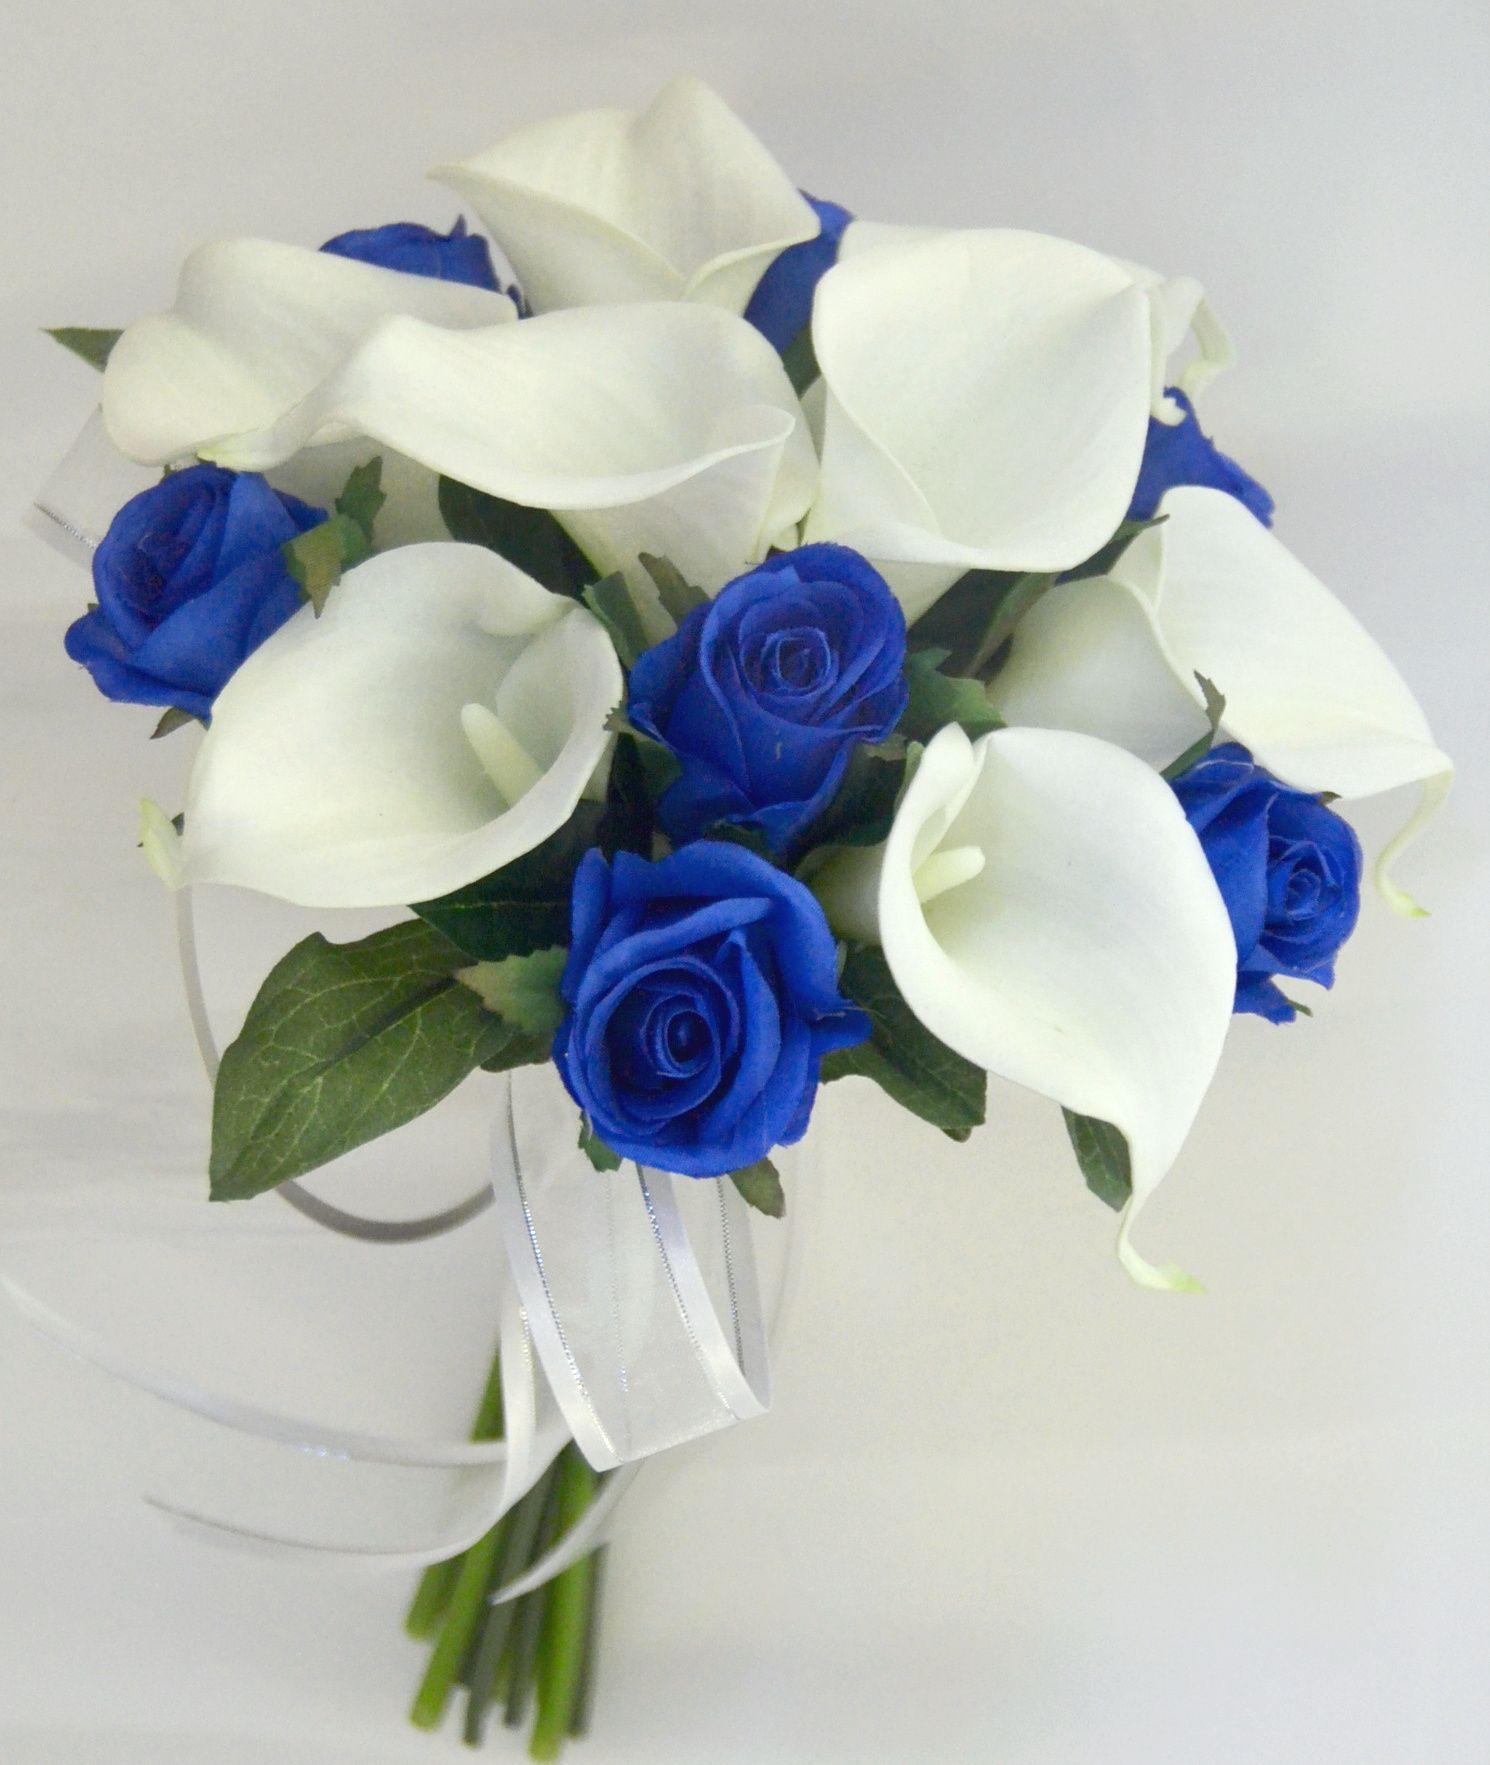 Blue Rose Calla Lily Bouquet Calla Lily Bouquet Blue Wedding Bouquet Flower Bouquet Wedding